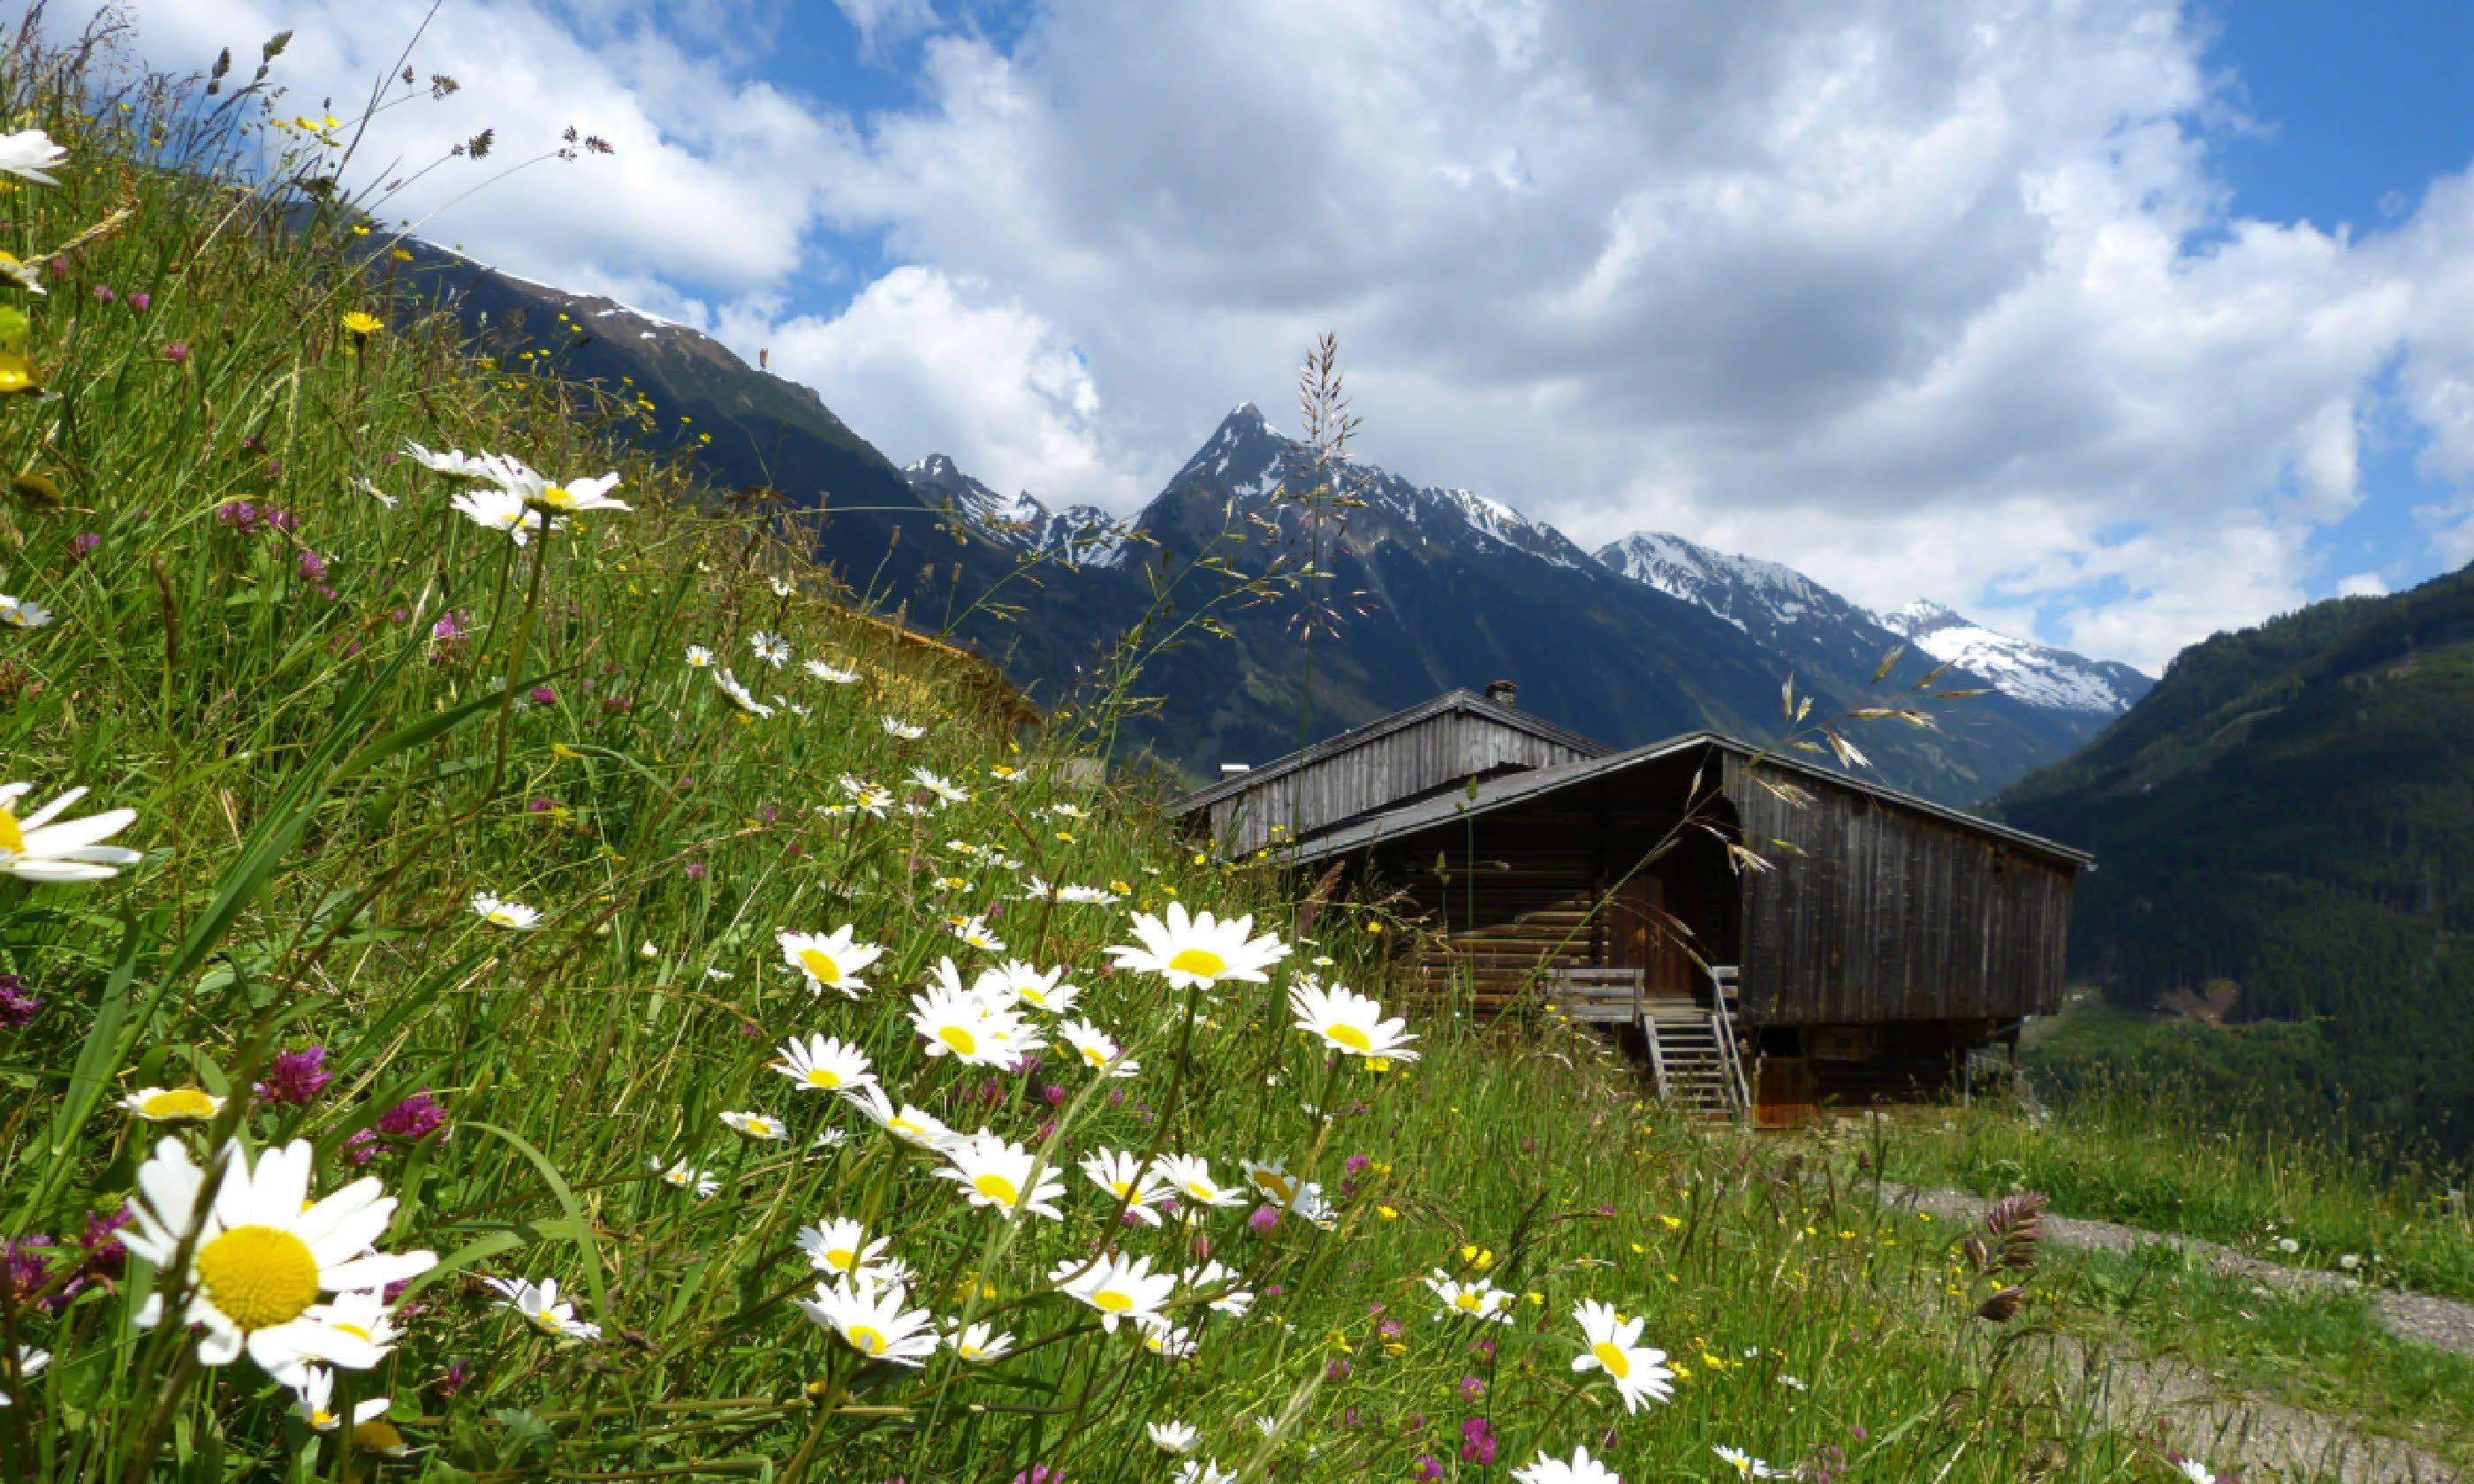 Meadow in Lech-Zürs am Arlberg (Shutterstock)